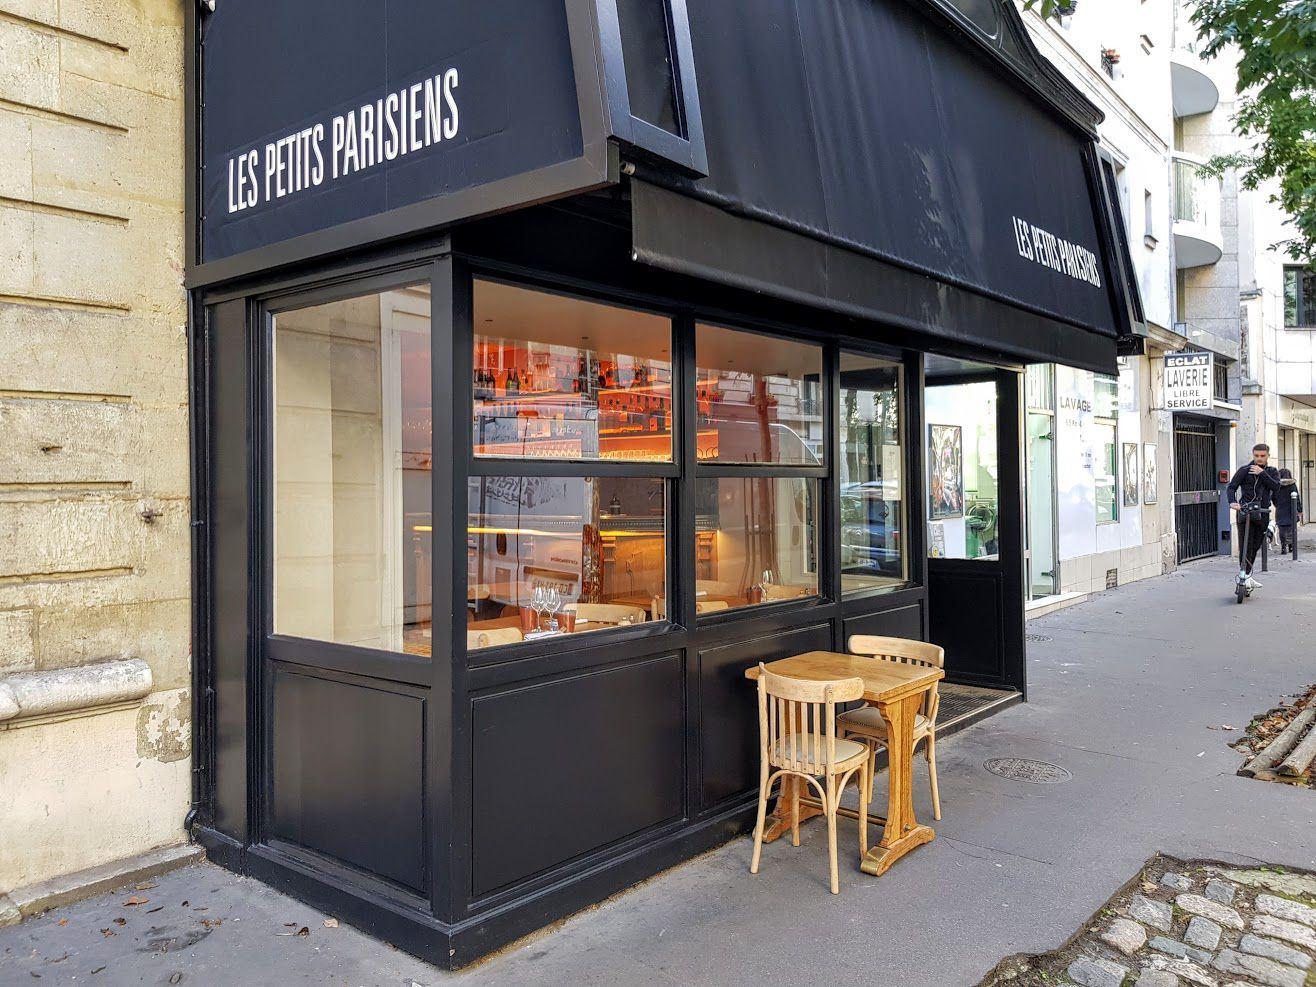 Petits Parisiens (Les)